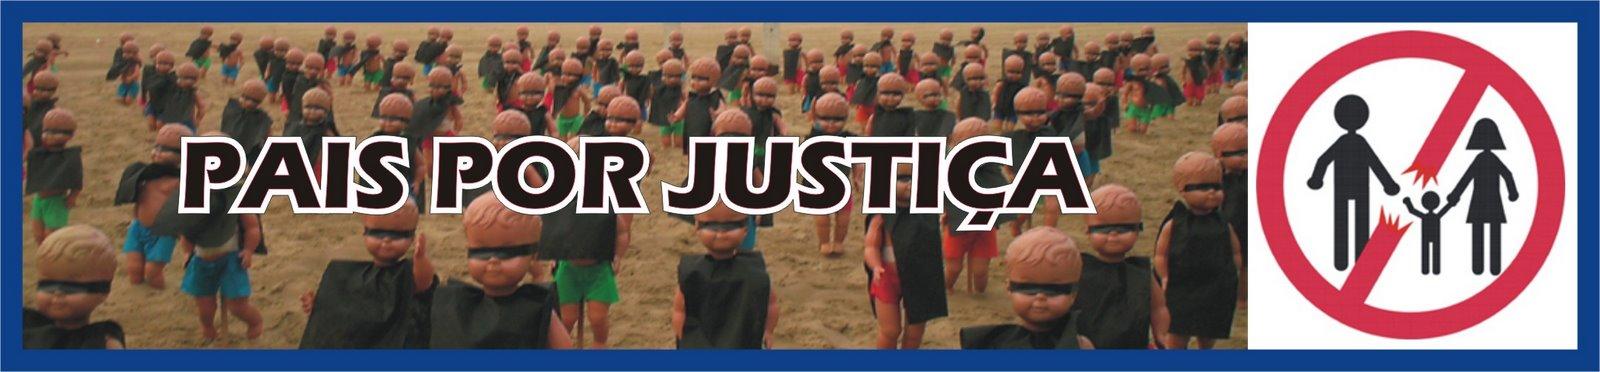 Pais por Justiça